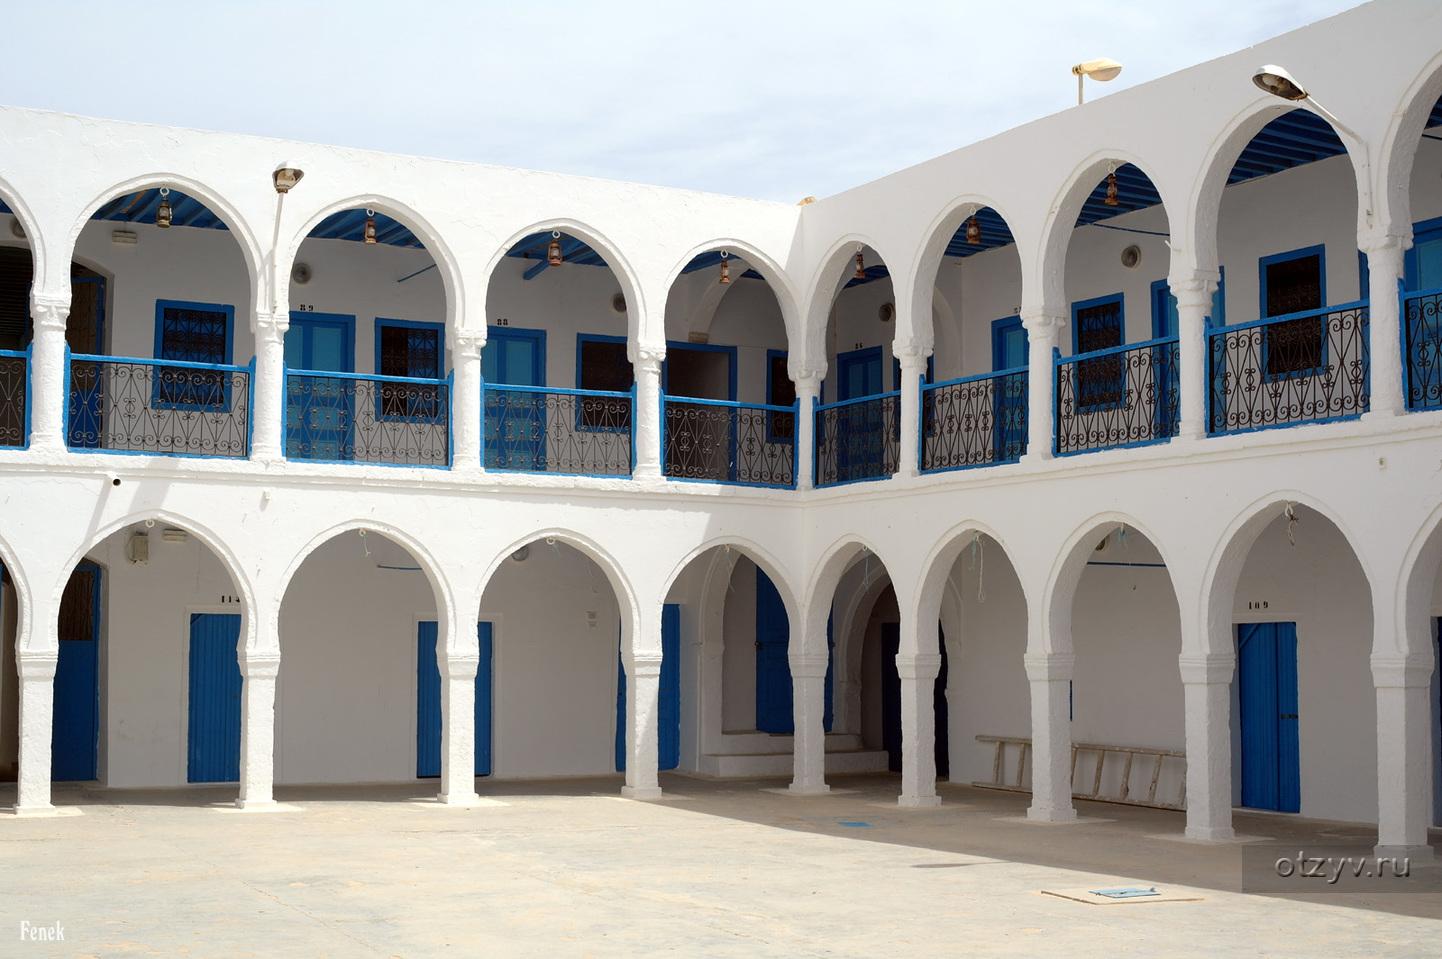 Синагога джерба фото